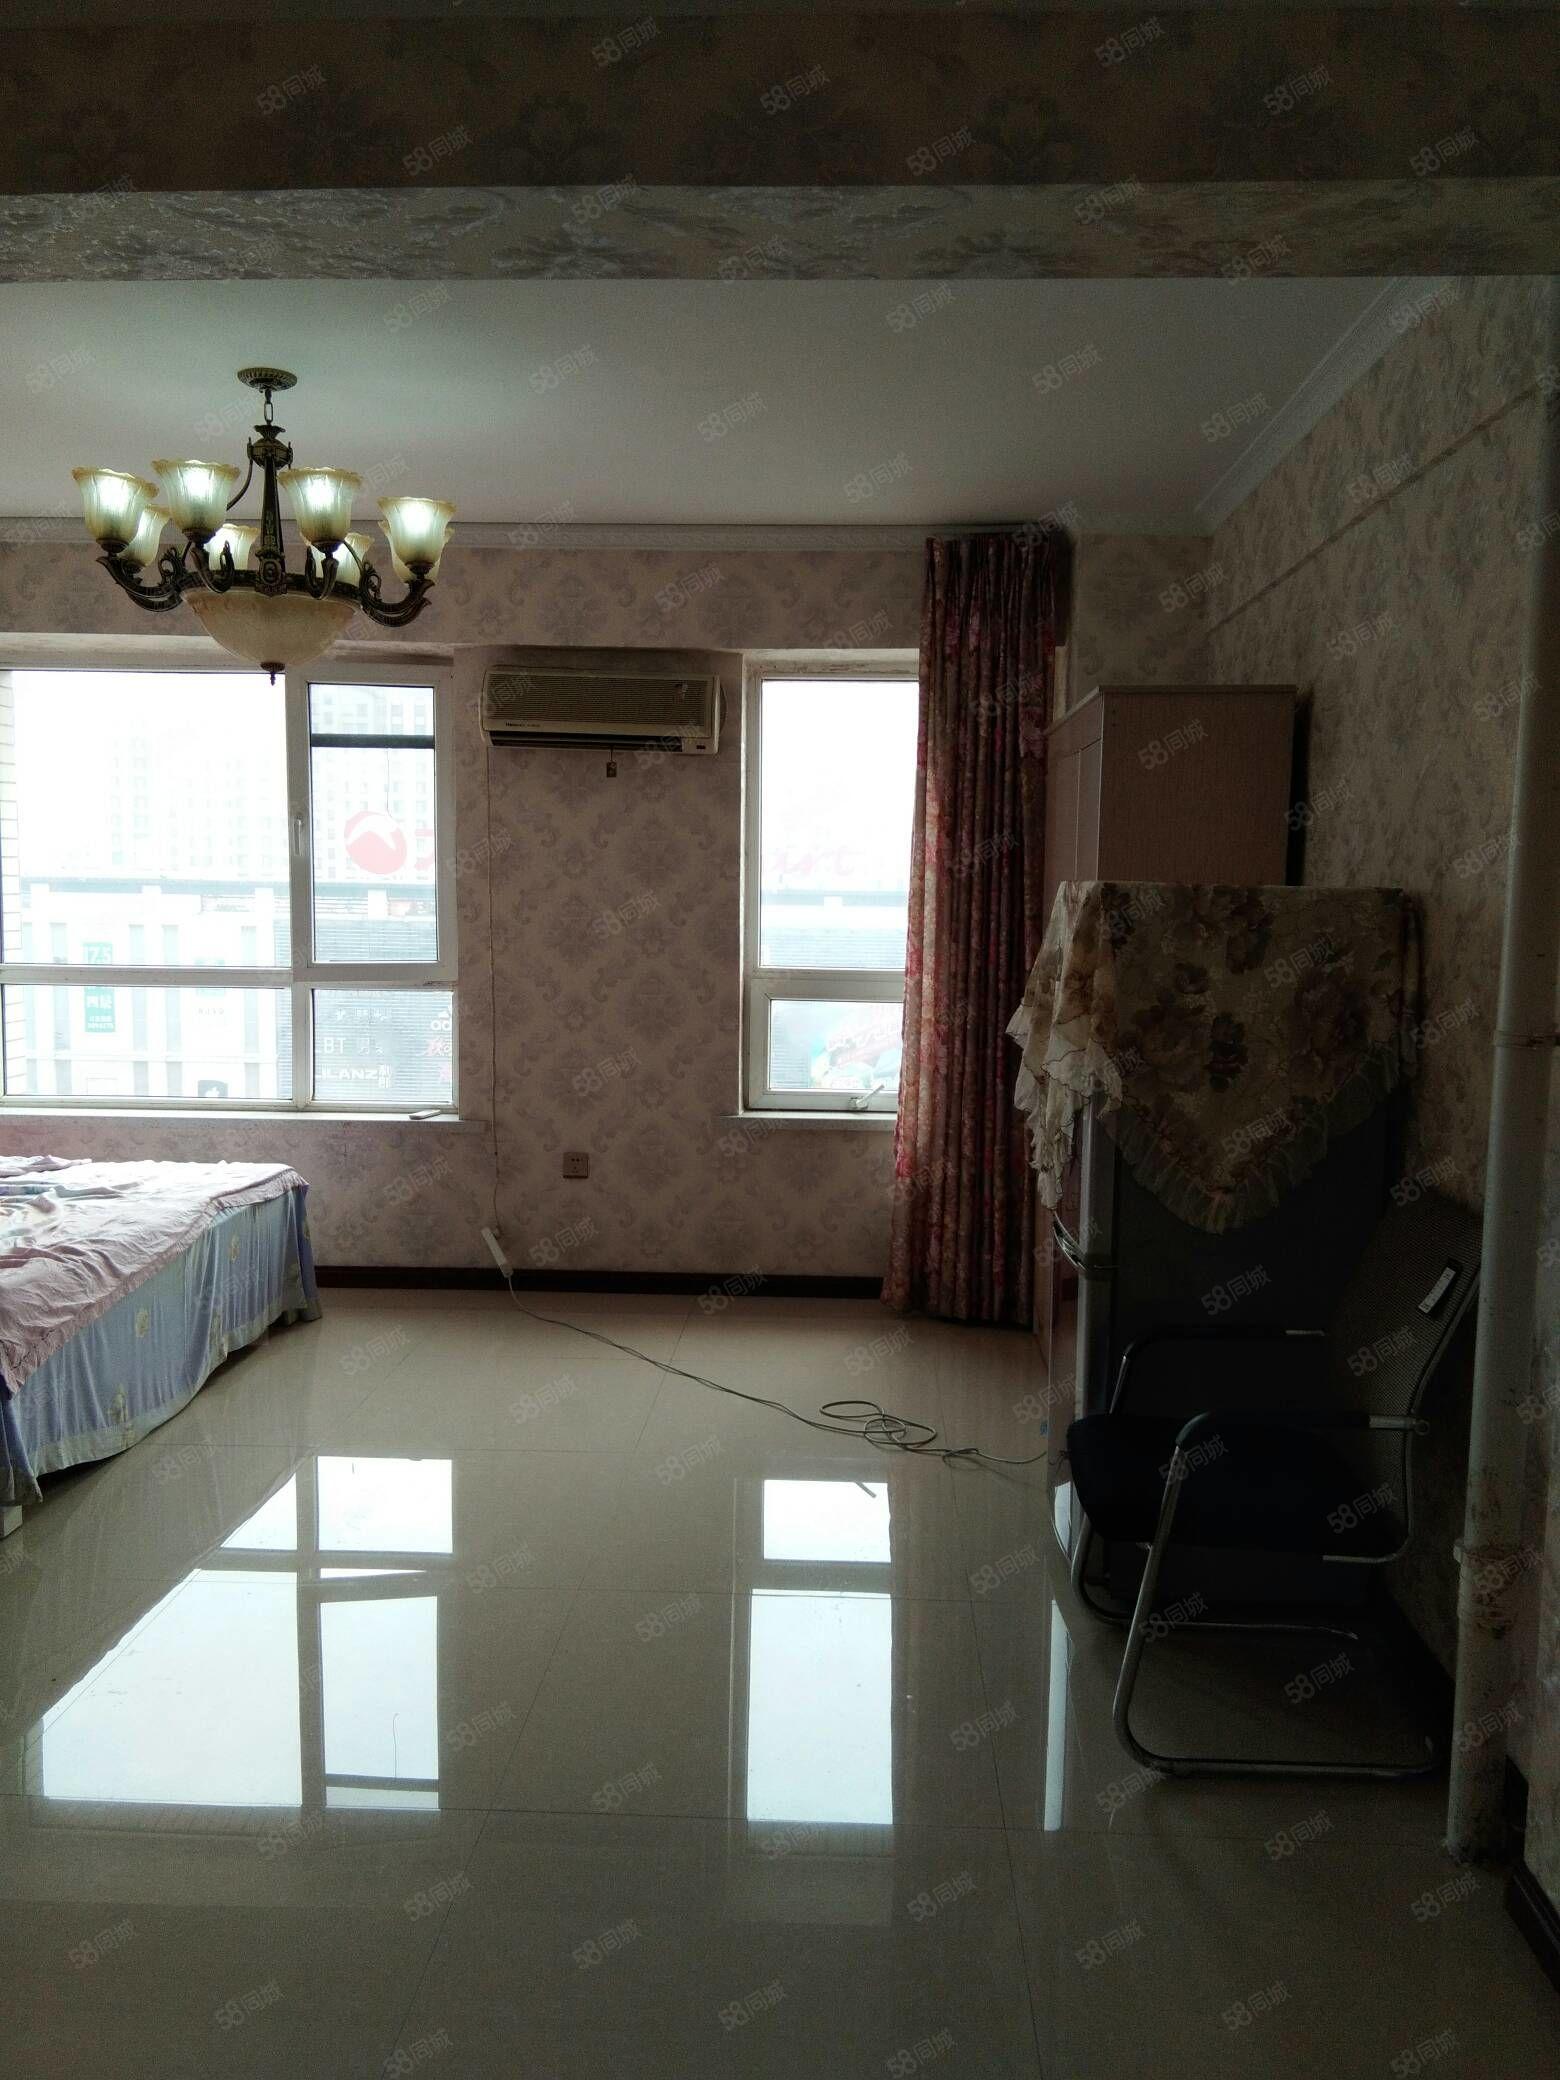 水岸帝景精装1室包电梯取暖家电齐全年付半年付1500元每月